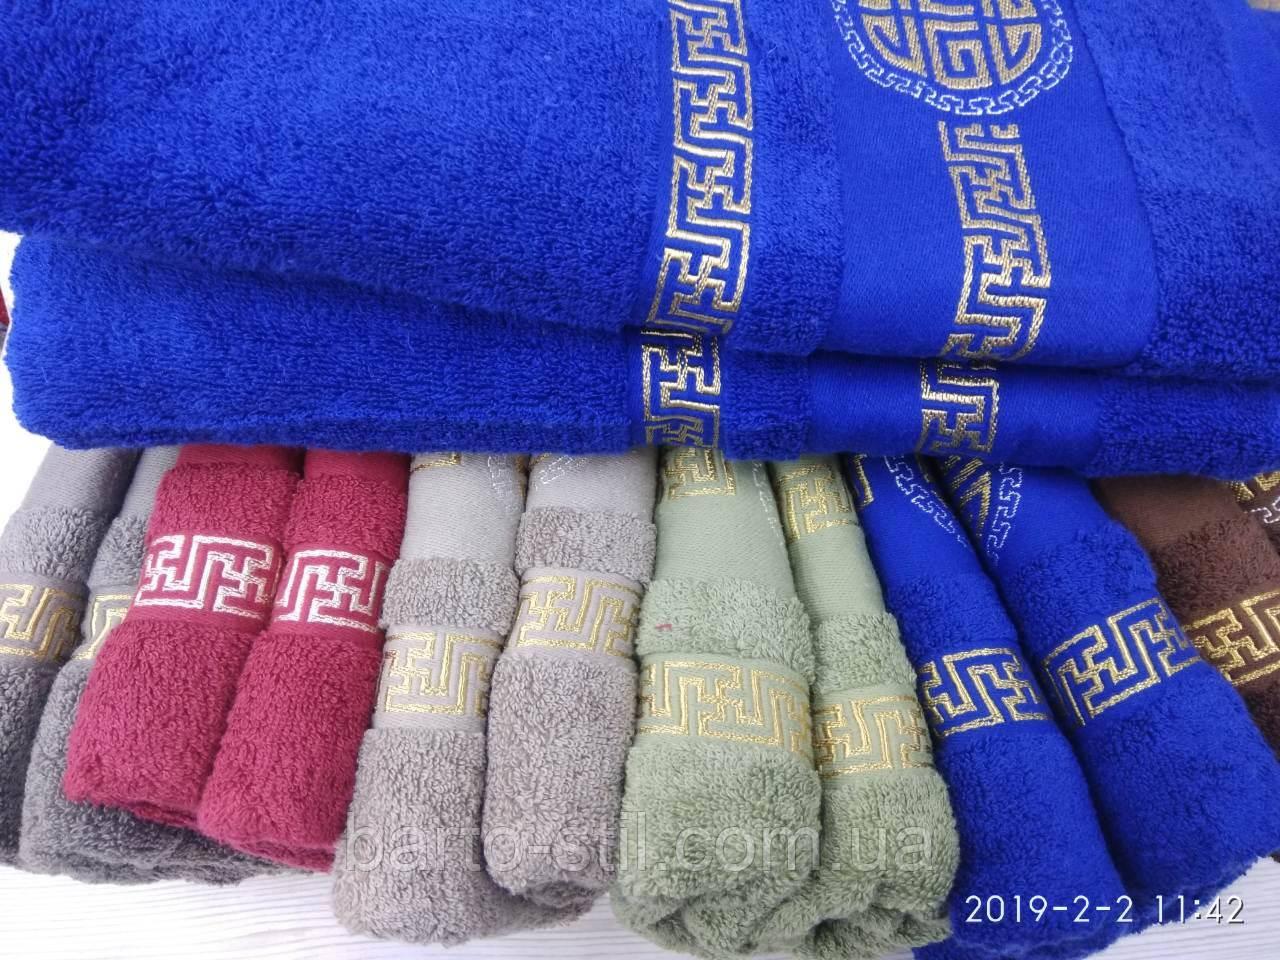 Махровые полотенца в комплекте с вышивкой для бани Размер 70Х140 6 шт.